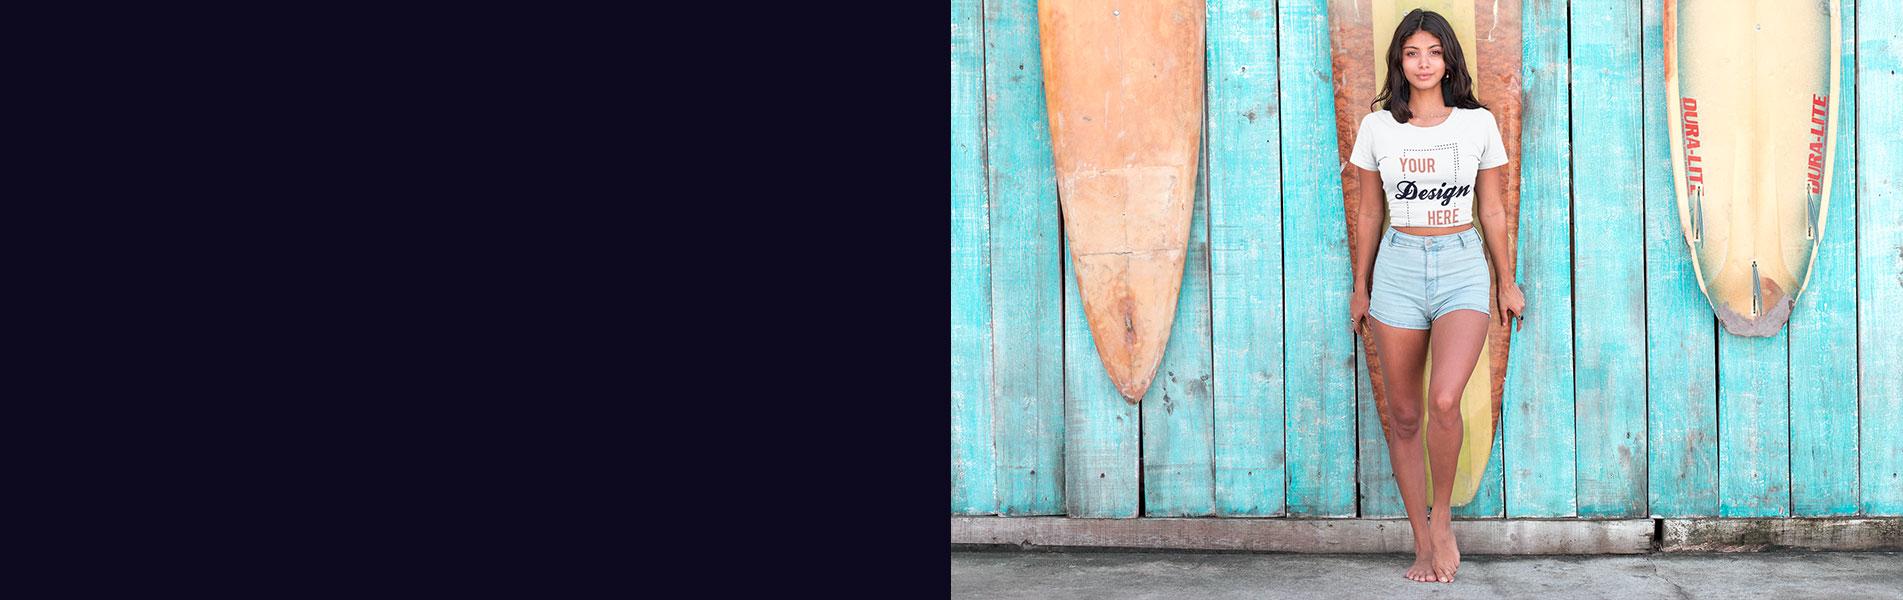 Junge Frau steht vor Surfboards und träg T-Shirt von T-Shirt bedrucken Deutschland